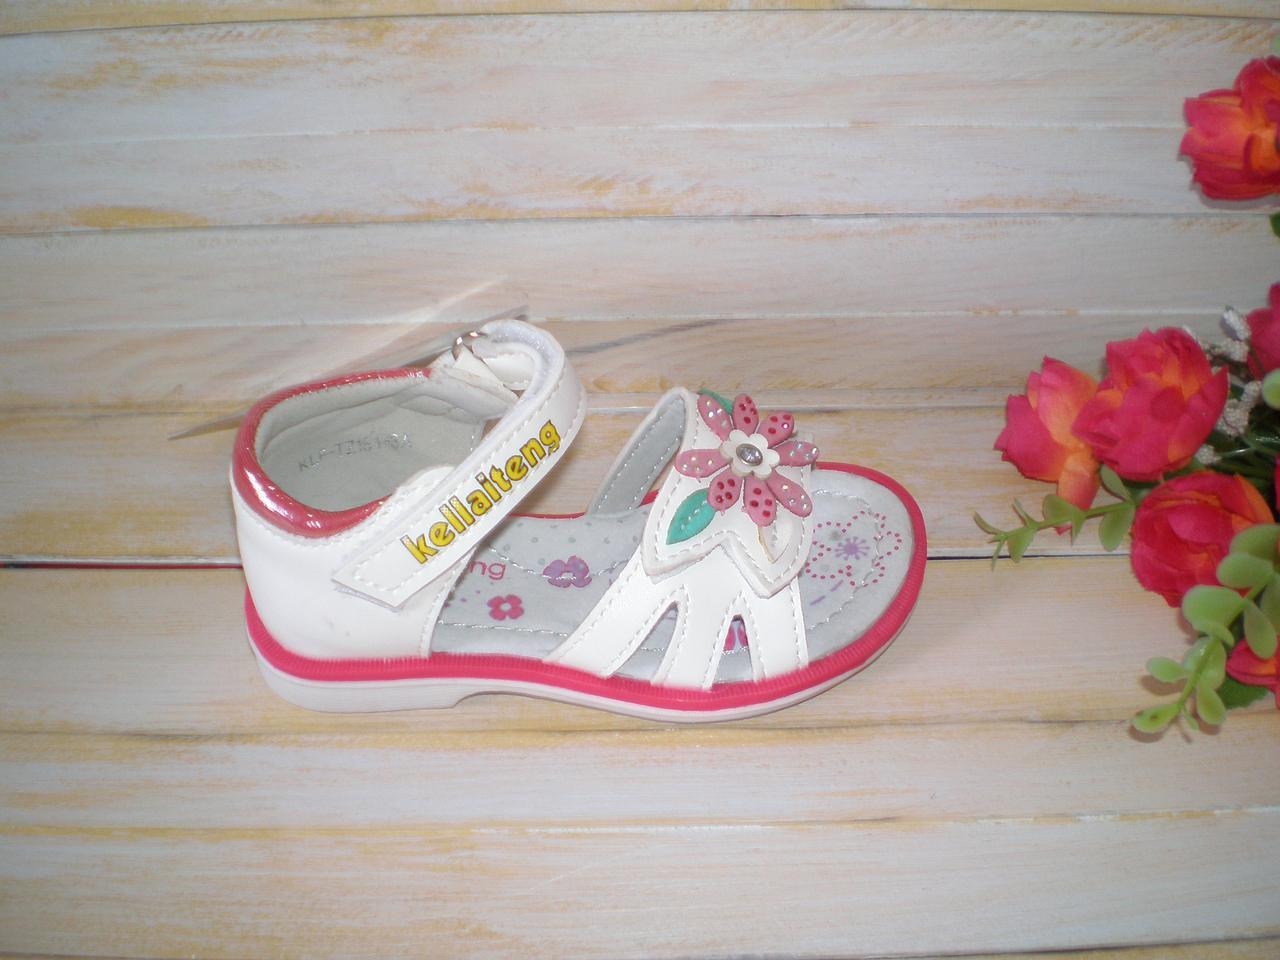 4c9977150 Нарядные белые босоножки для девочки р21 ТМ Kellaiteng - ОбувайКа плюс в  Николаеве